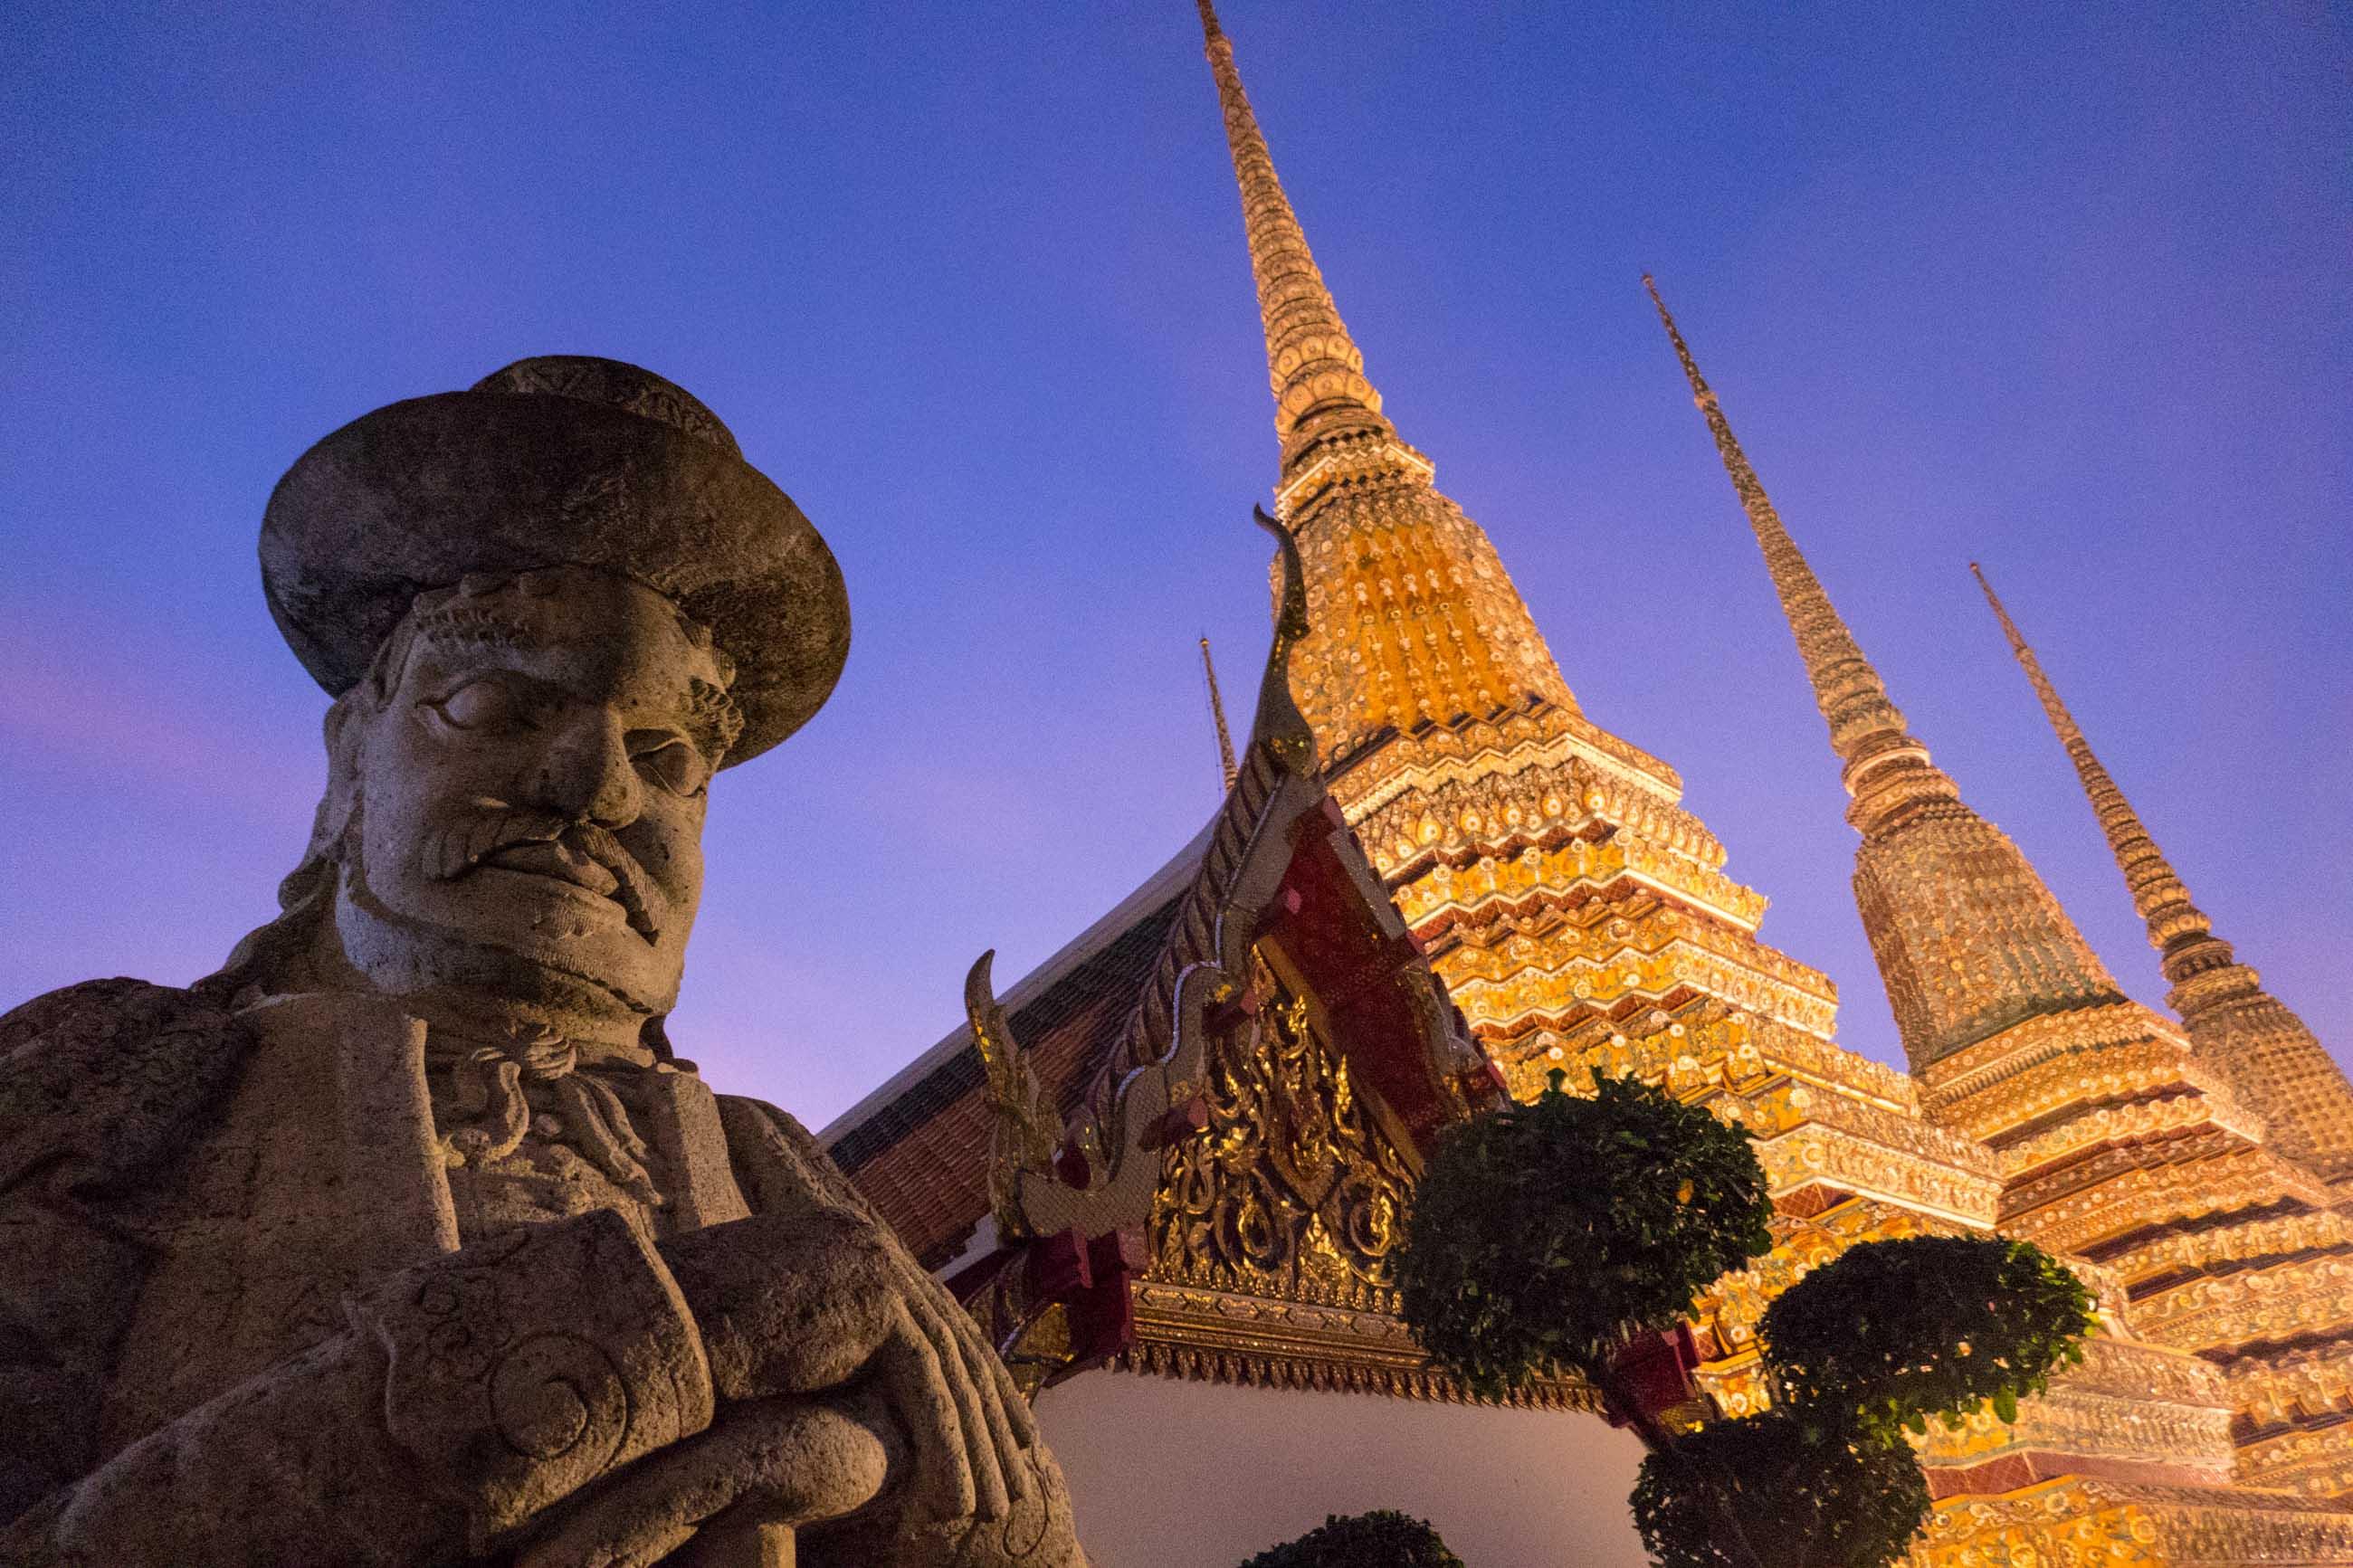 https://bubo.sk/uploads/galleries/5062/martinsimko_thajsko_bangkok_021.jpg